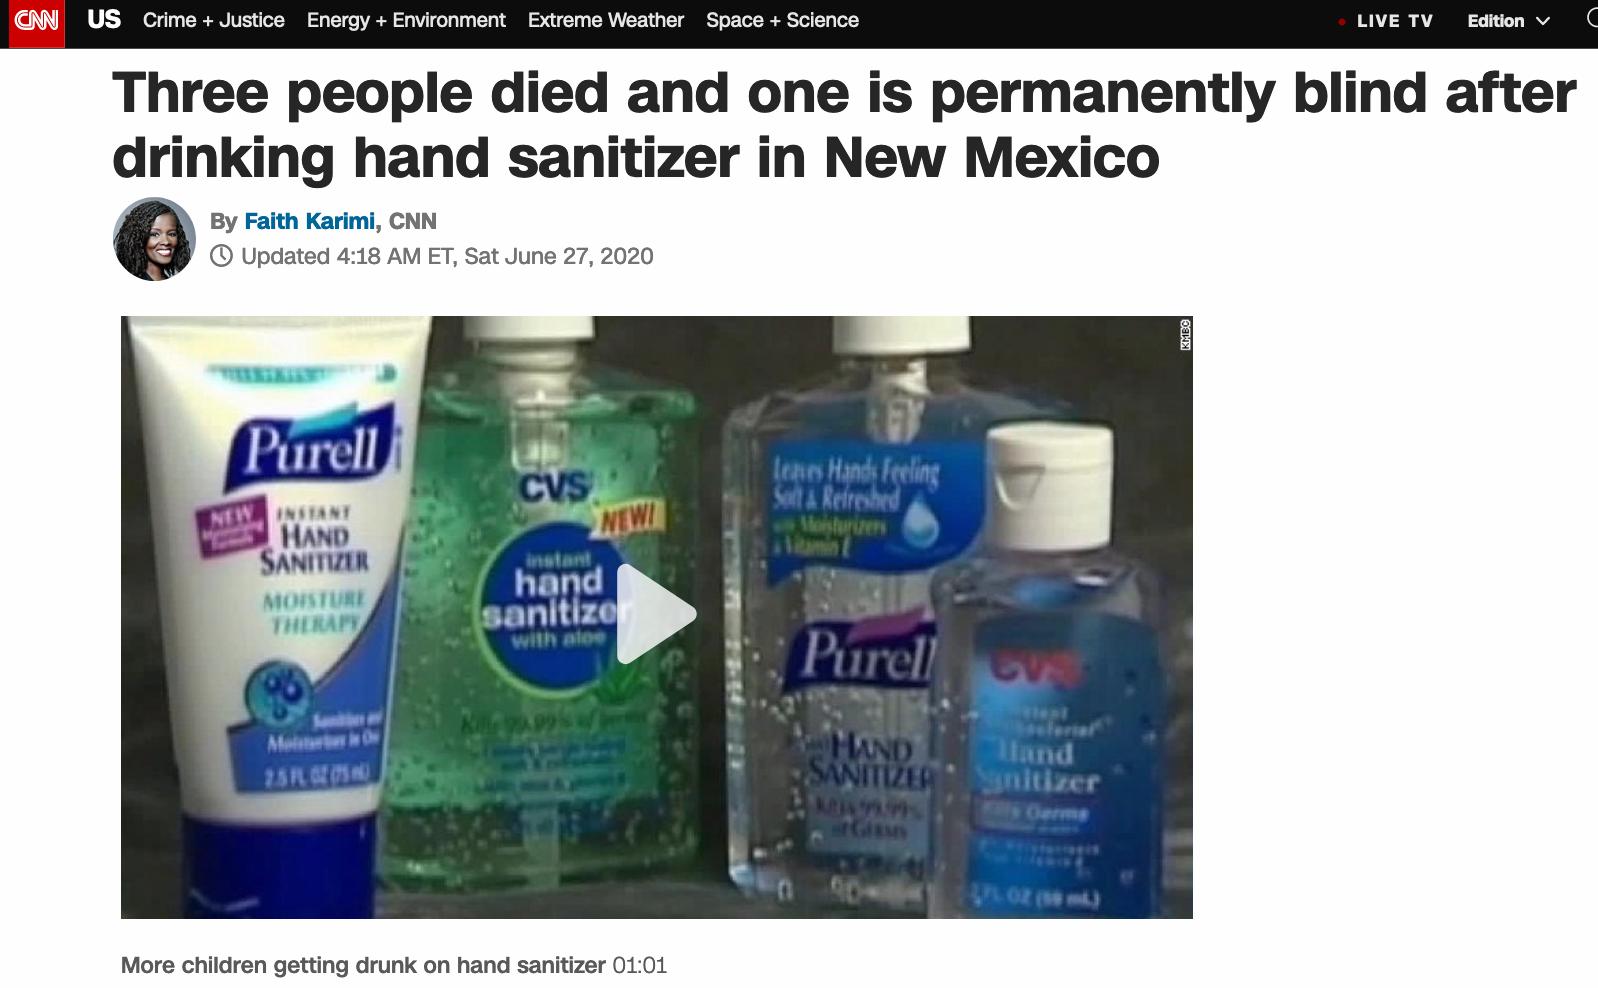 欧博allbet客户端:美国新墨西哥州发生多起饮用洗手液事宜,已有3人殒命、1人永远失明 第1张